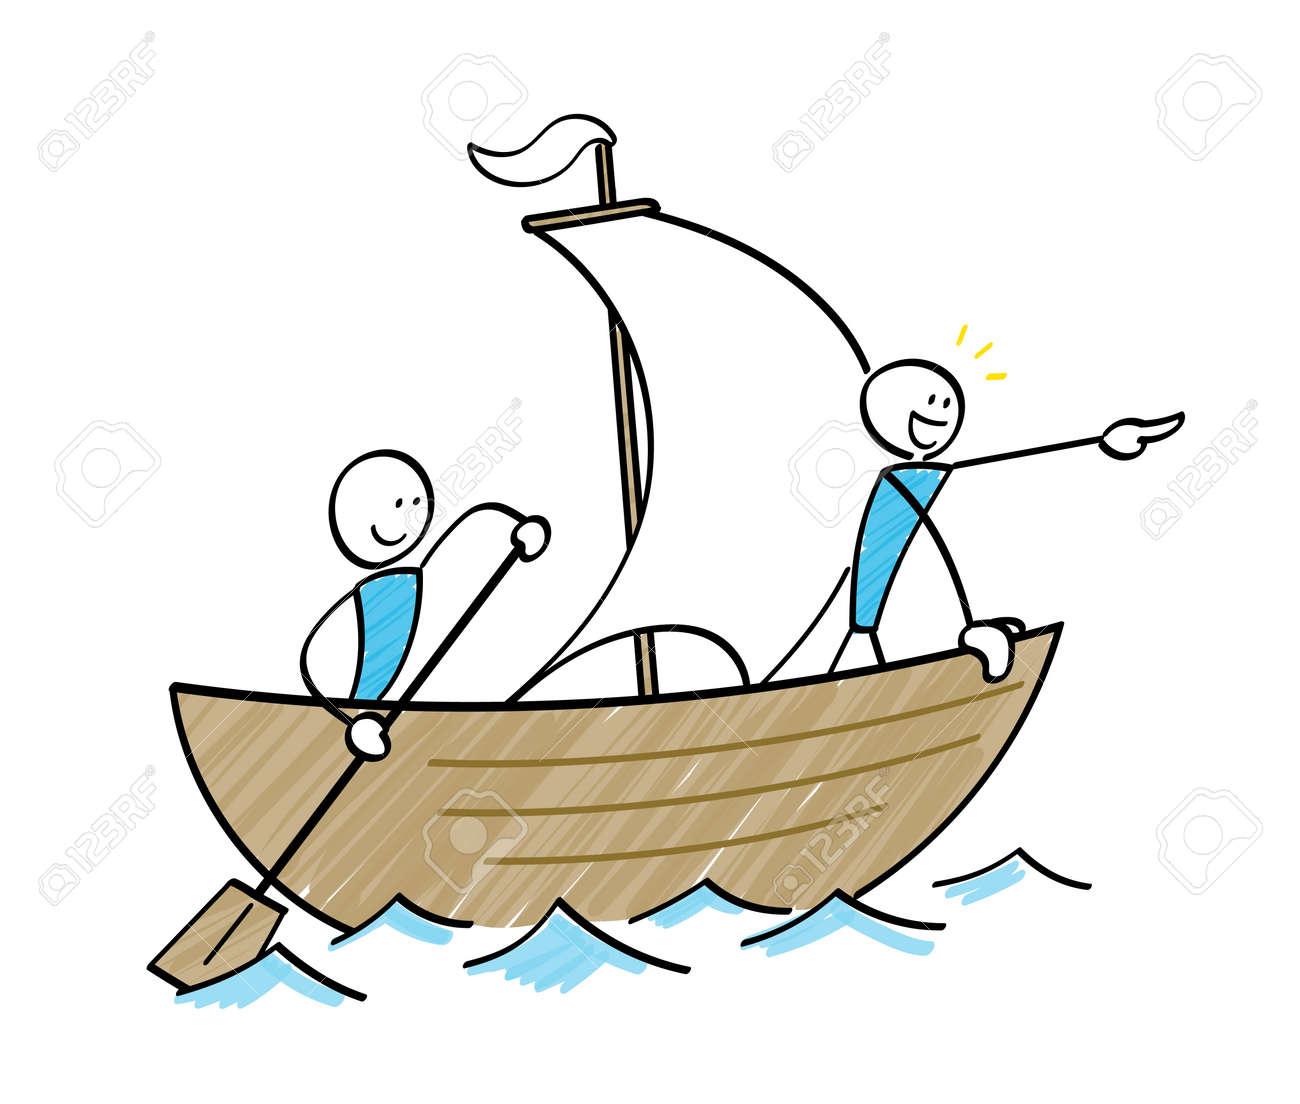 stickman sailor sailing on a ship - 168407320